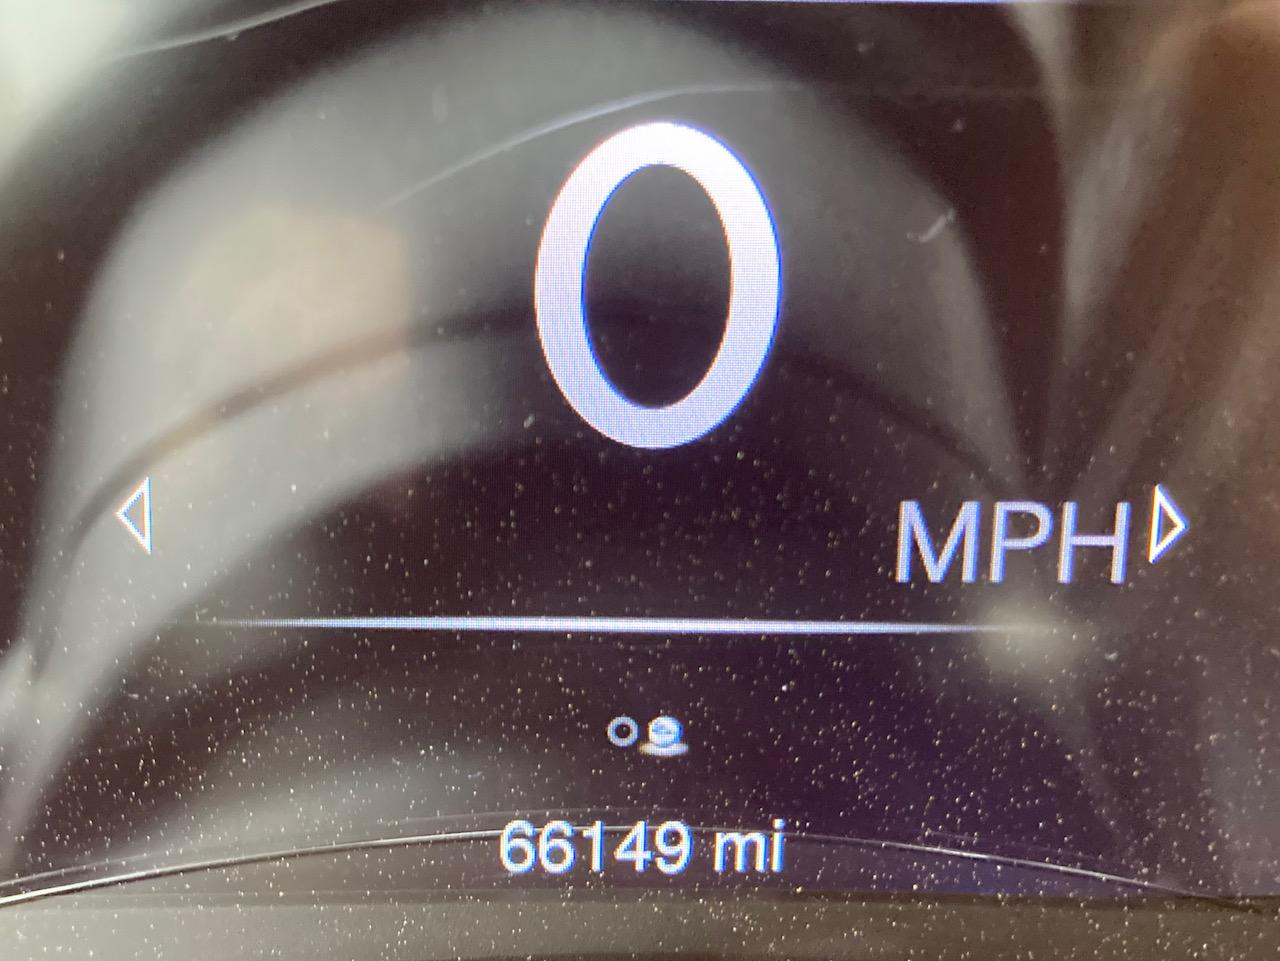 Car odometer reading 66149